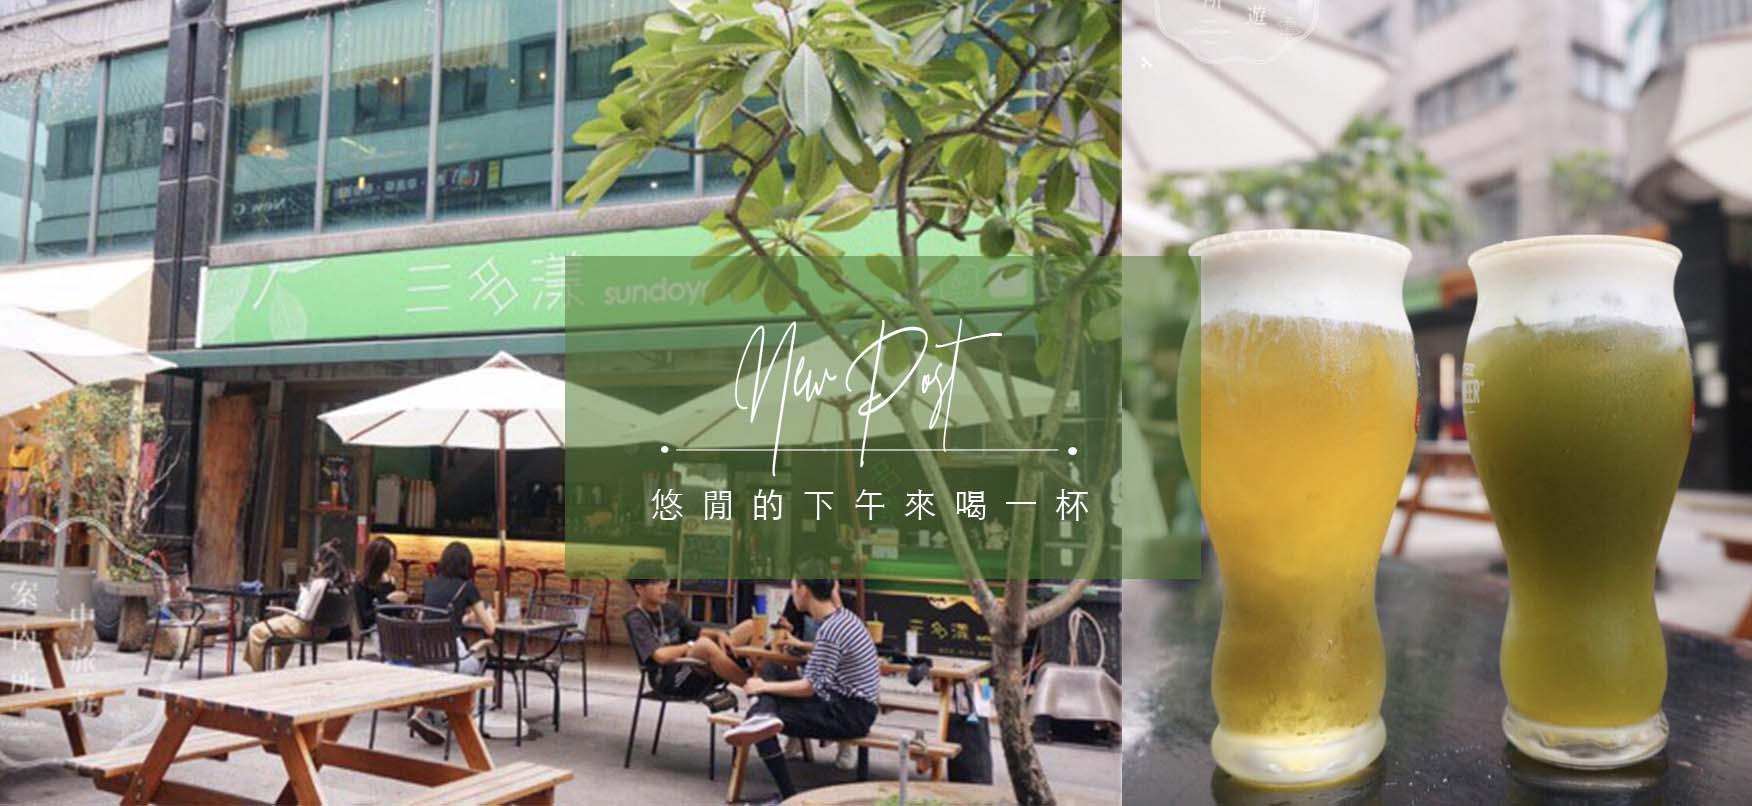 三多漾 |白天與夜晚不同風情的飲料店!